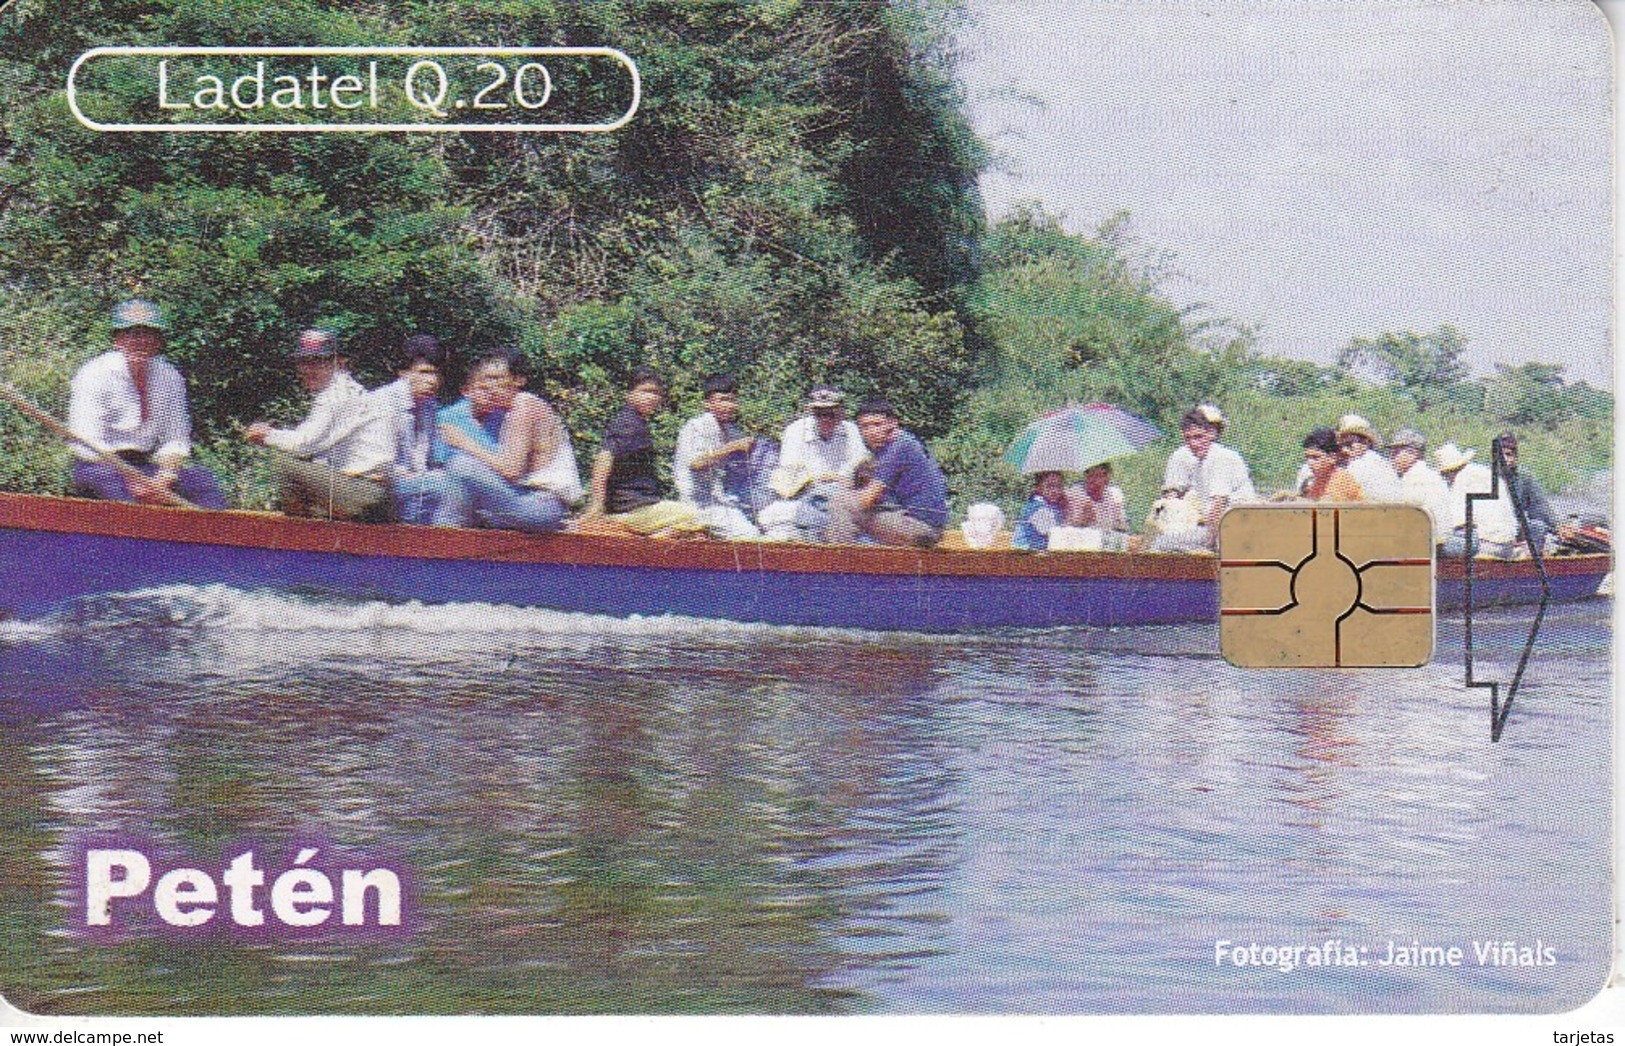 TARJETA DE GUATEMALA DE PETEN - RIO LA PASION  (LADATEL-TELGUA) - Guatemala